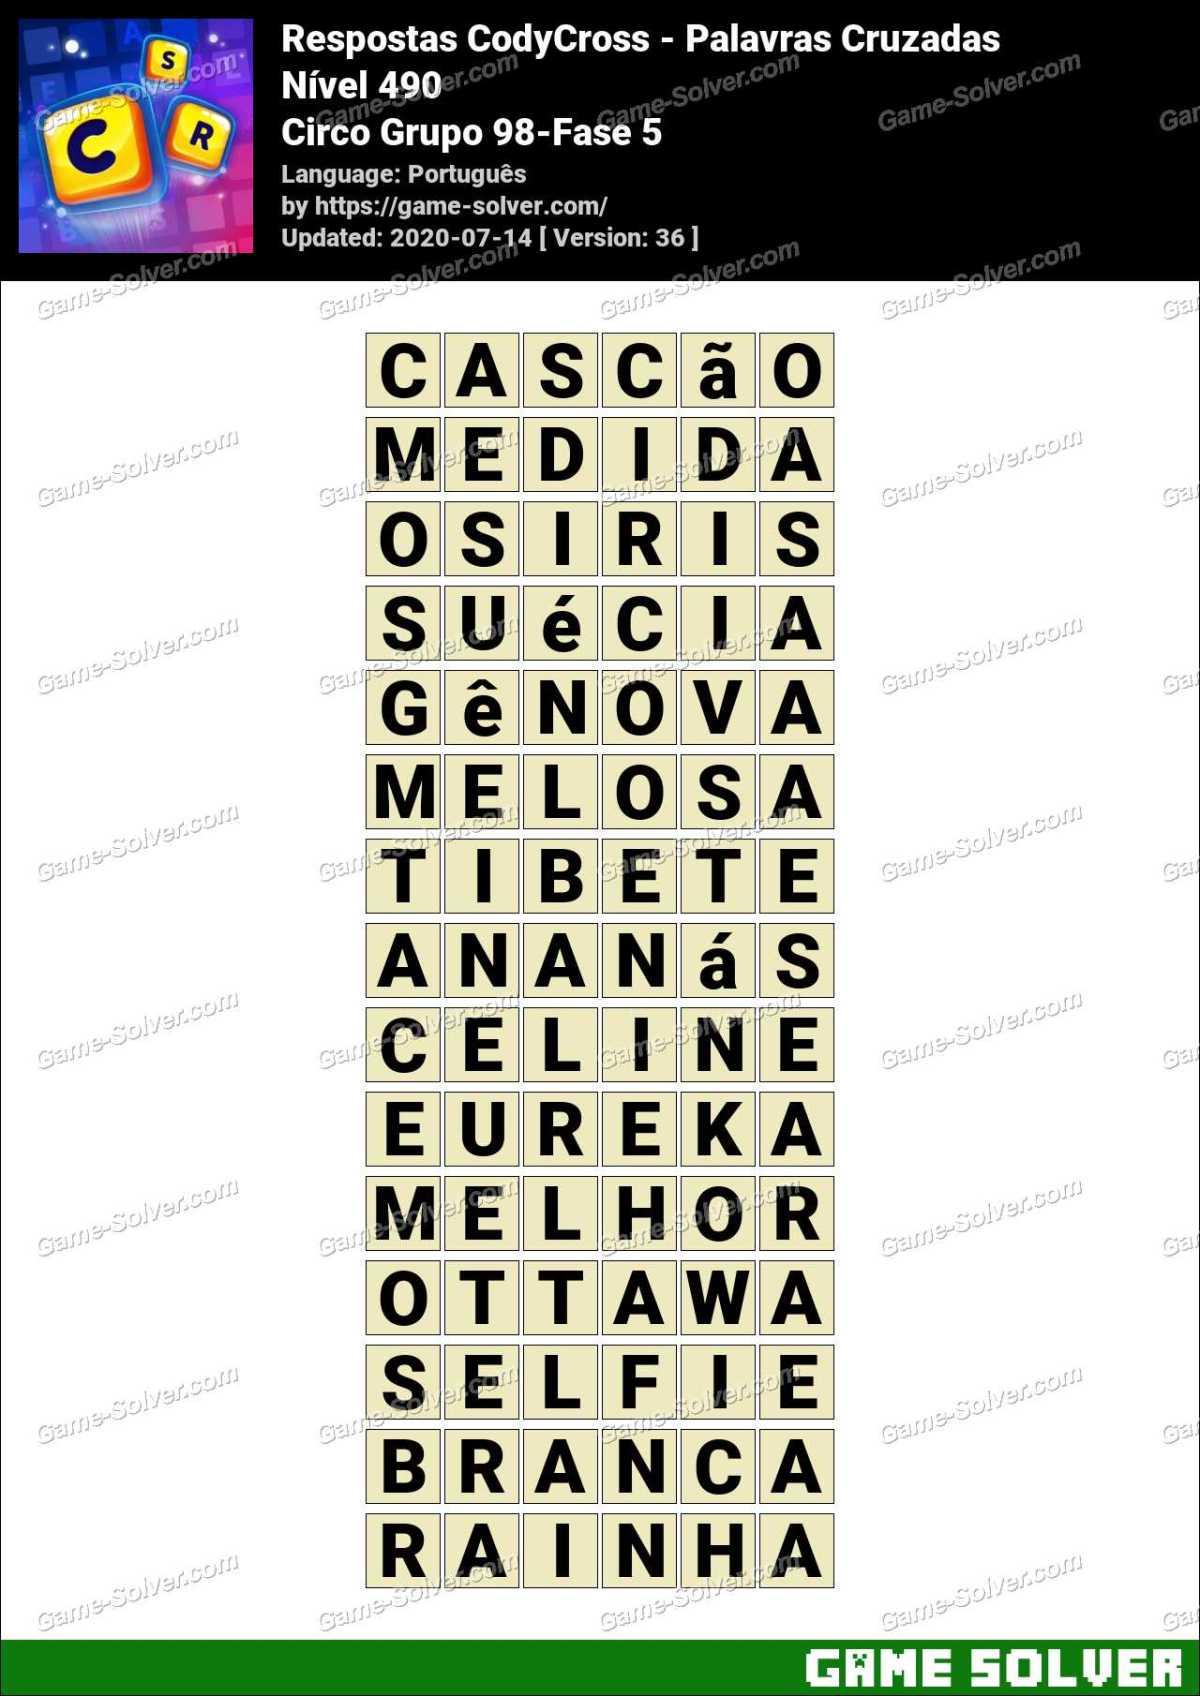 Respostas CodyCross Circo Grupo 98-Fase 5